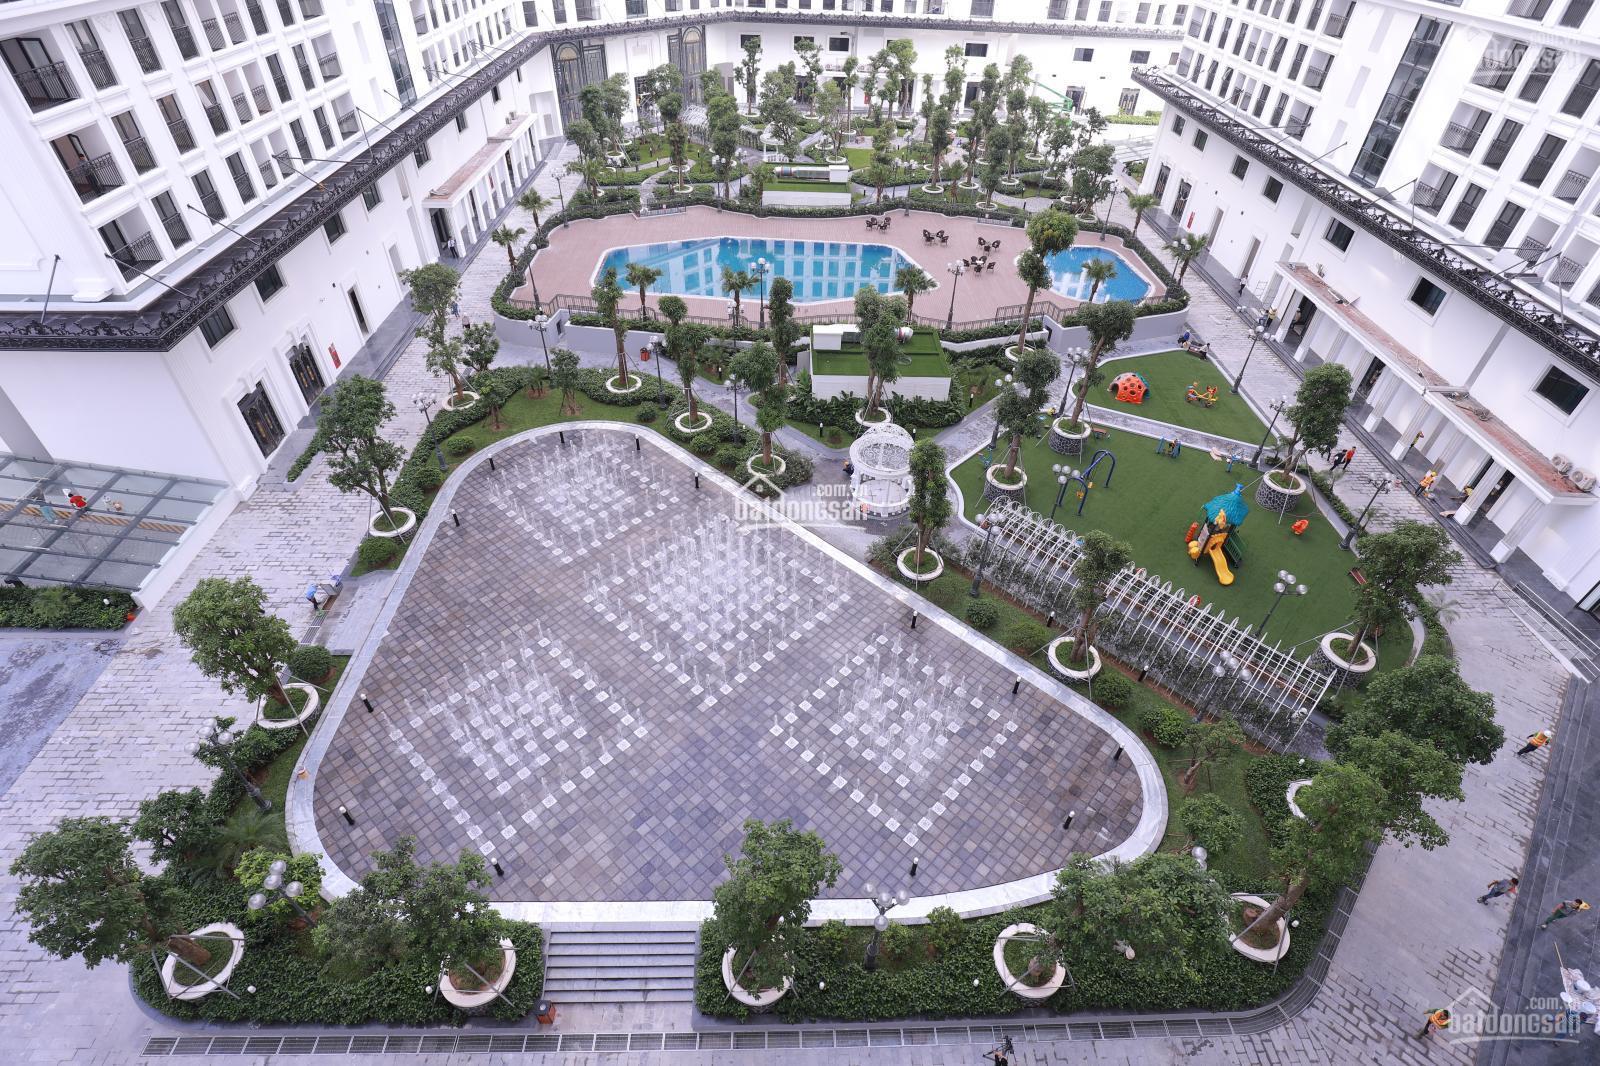 4 tỷ/ căn 3PN 109.6m2 rẻ nhất The Manor Mỹ Đình, CK tới 3%, quà tặng ~200 triệu. LH 0989505163